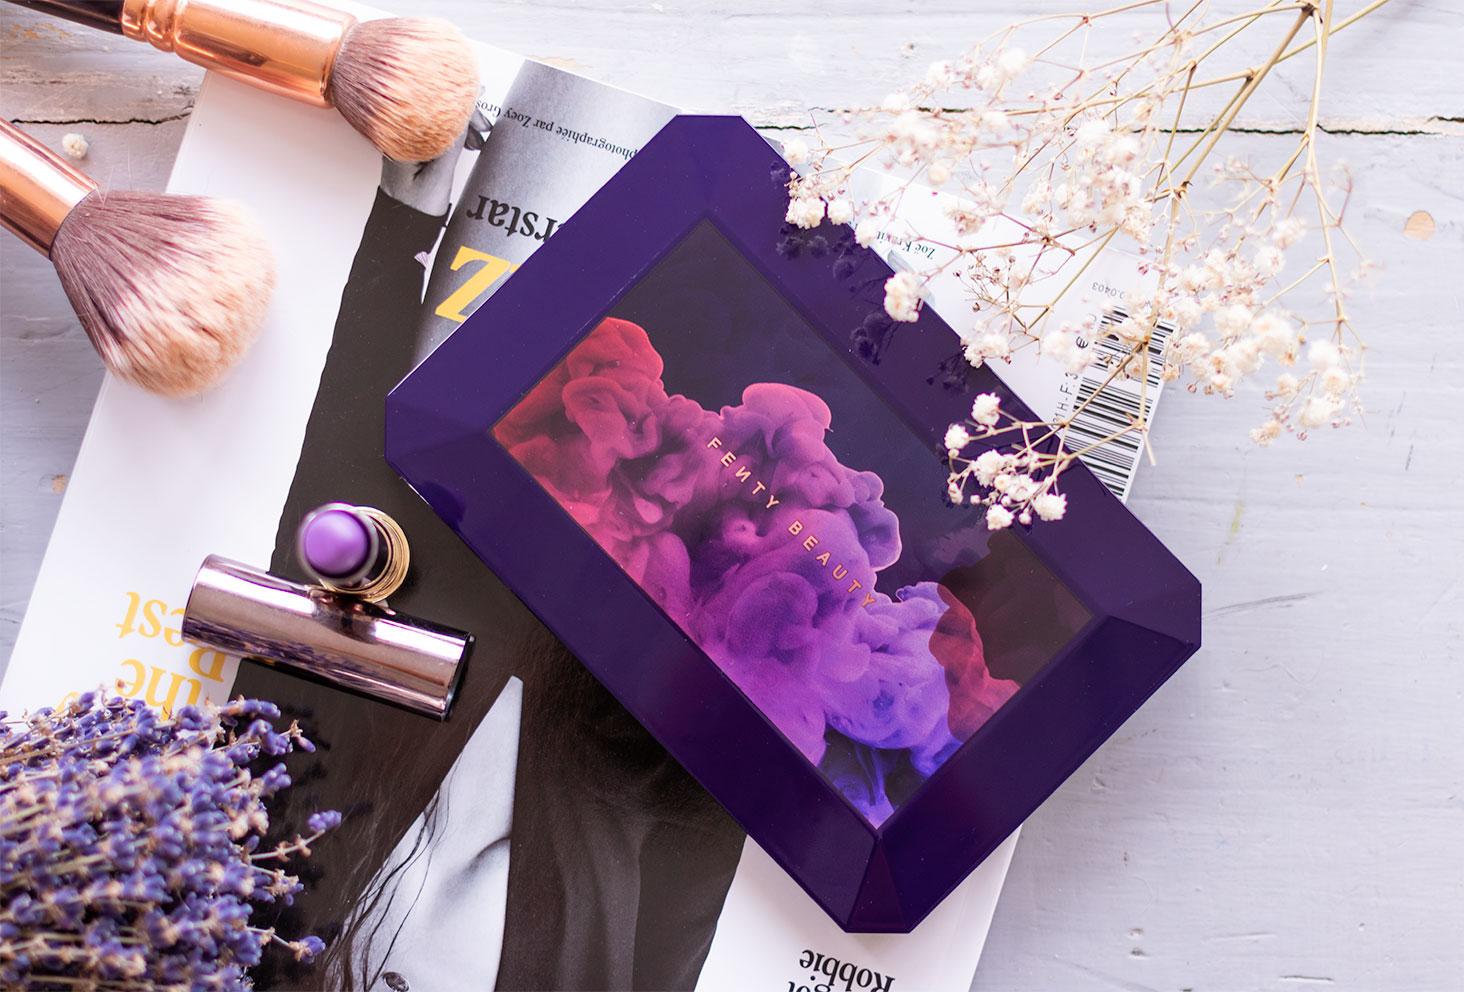 Zoom sur le packaging de la palette Moroccan Spice de Fenty Beauty fermé, sur un magazine au milieu de maquillage et de fleurs sèches